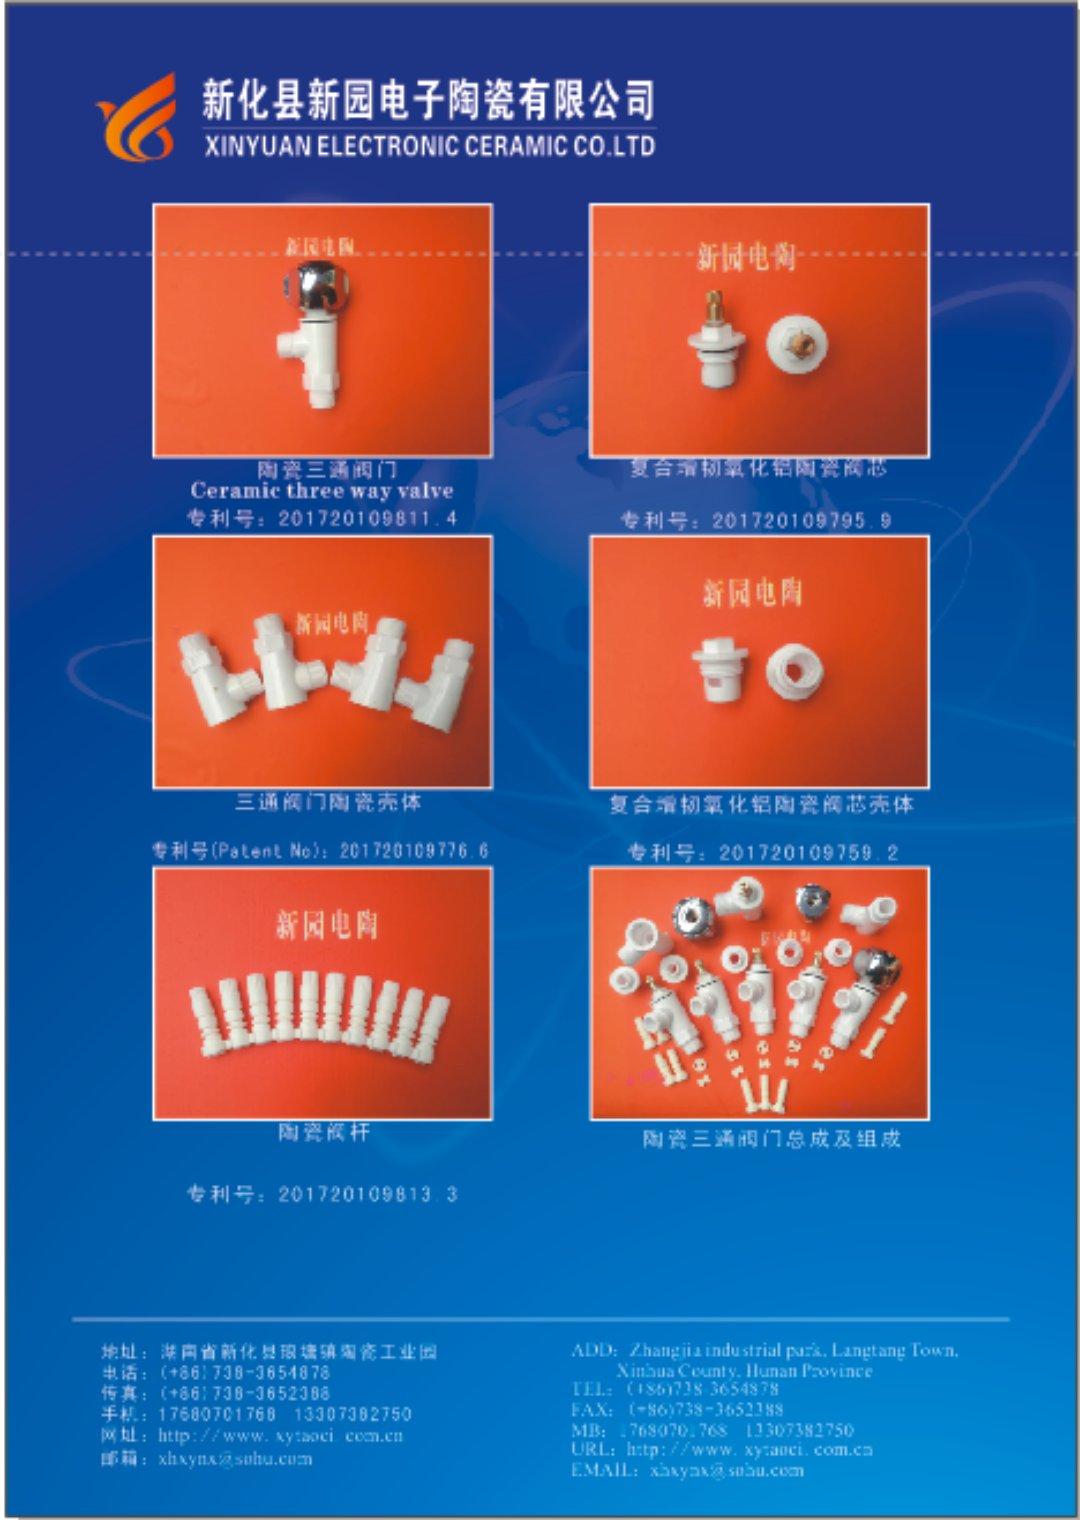 陶瓷阀价格_新园电子陶瓷提供报价合理的陶瓷阀